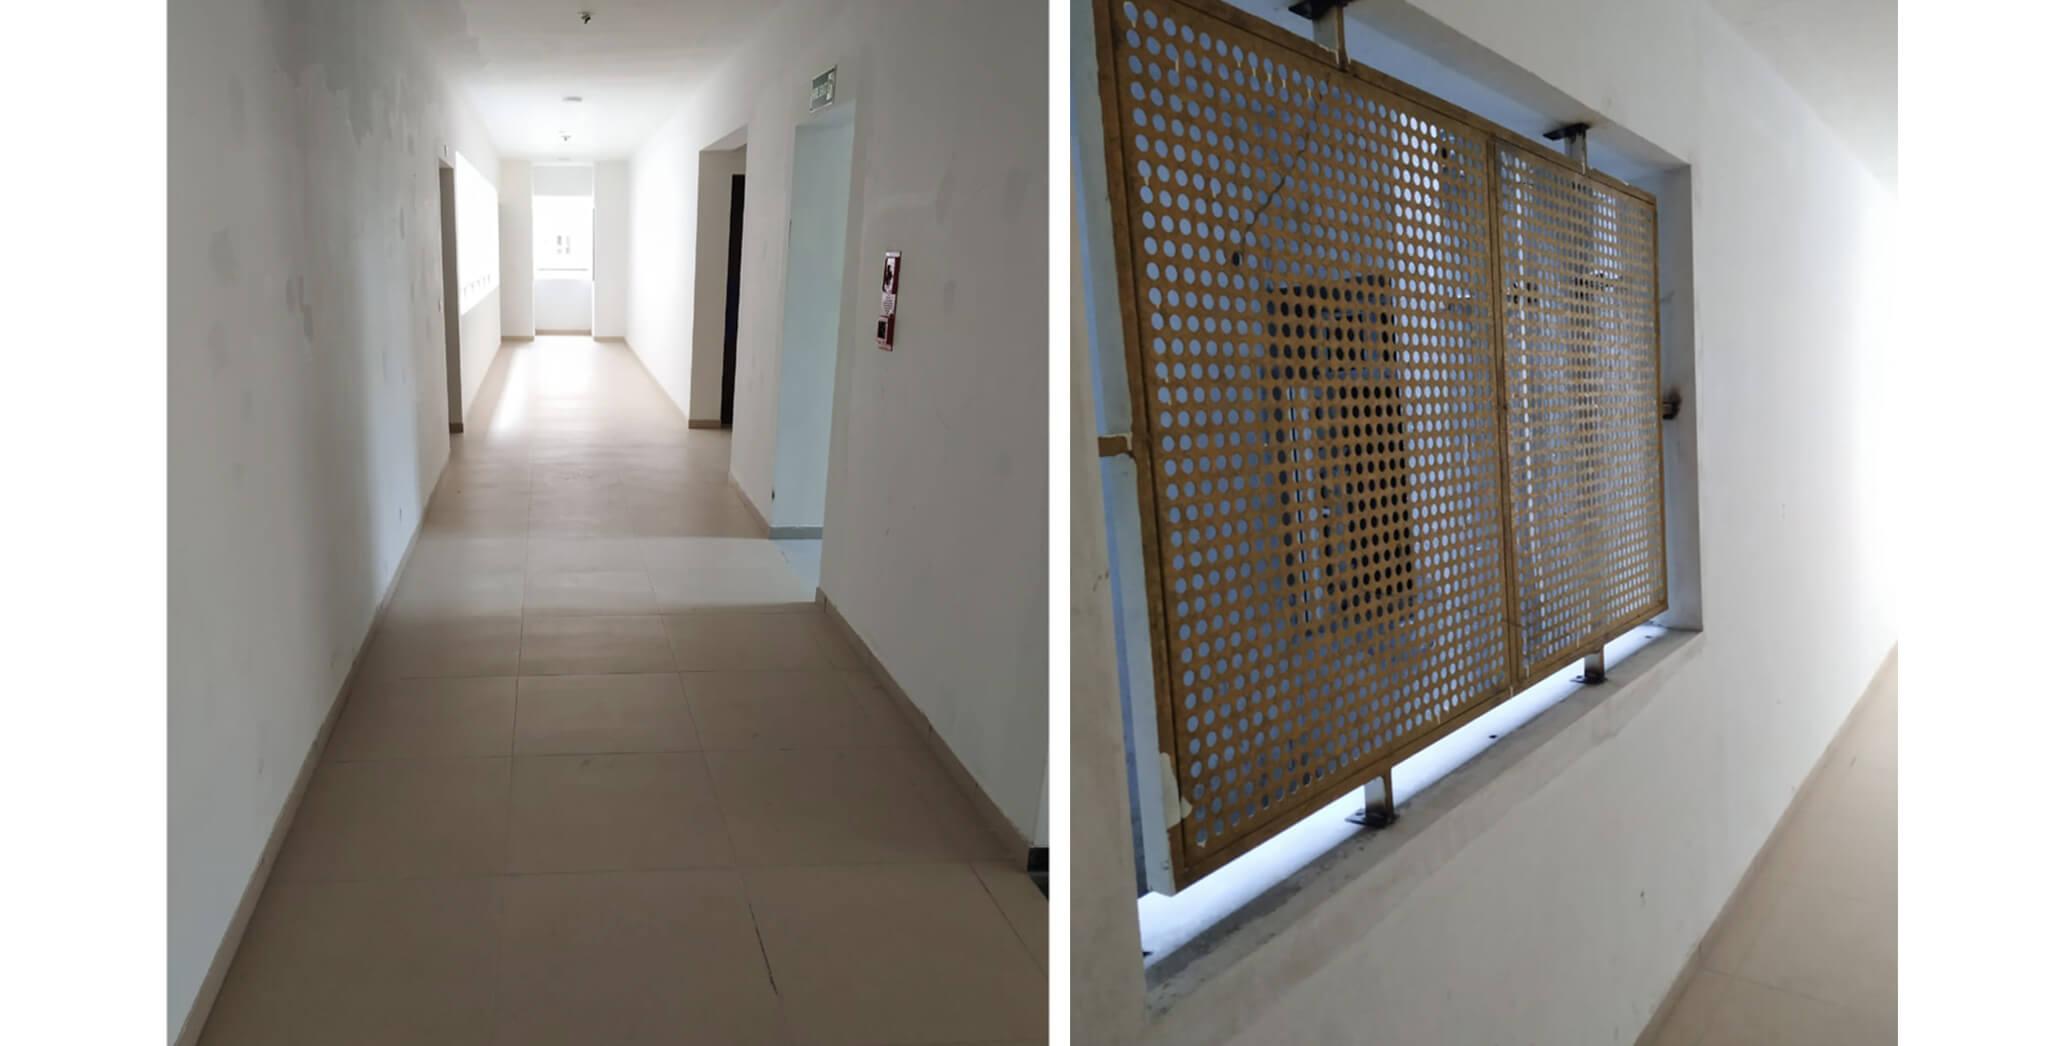 Nov 2019 - Deodar—F block: Corridor–Final coat of paint work-in-progress